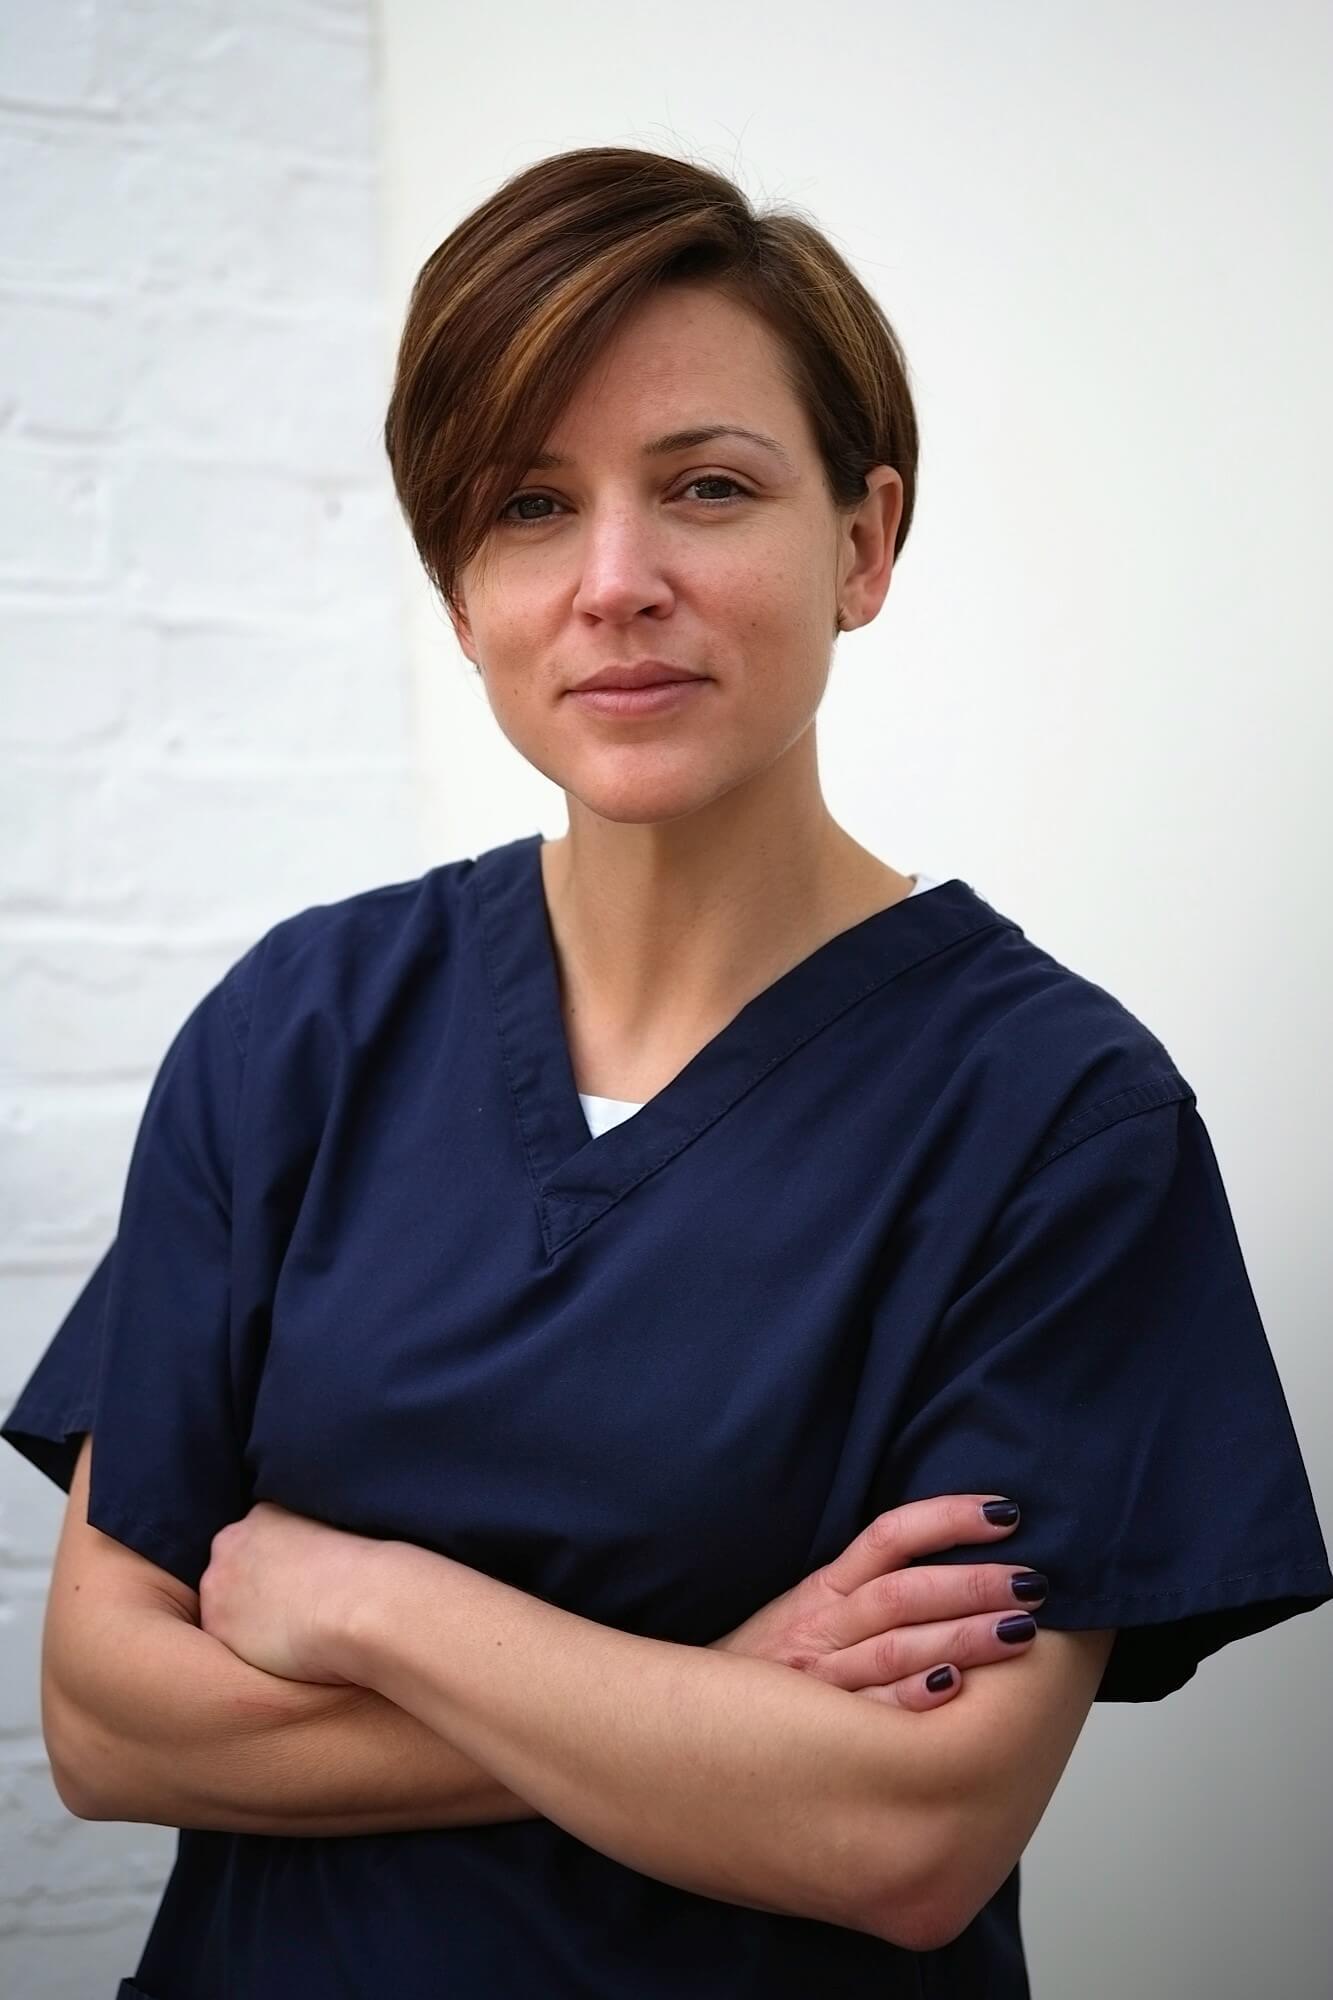 Victoria Rose Surgeon